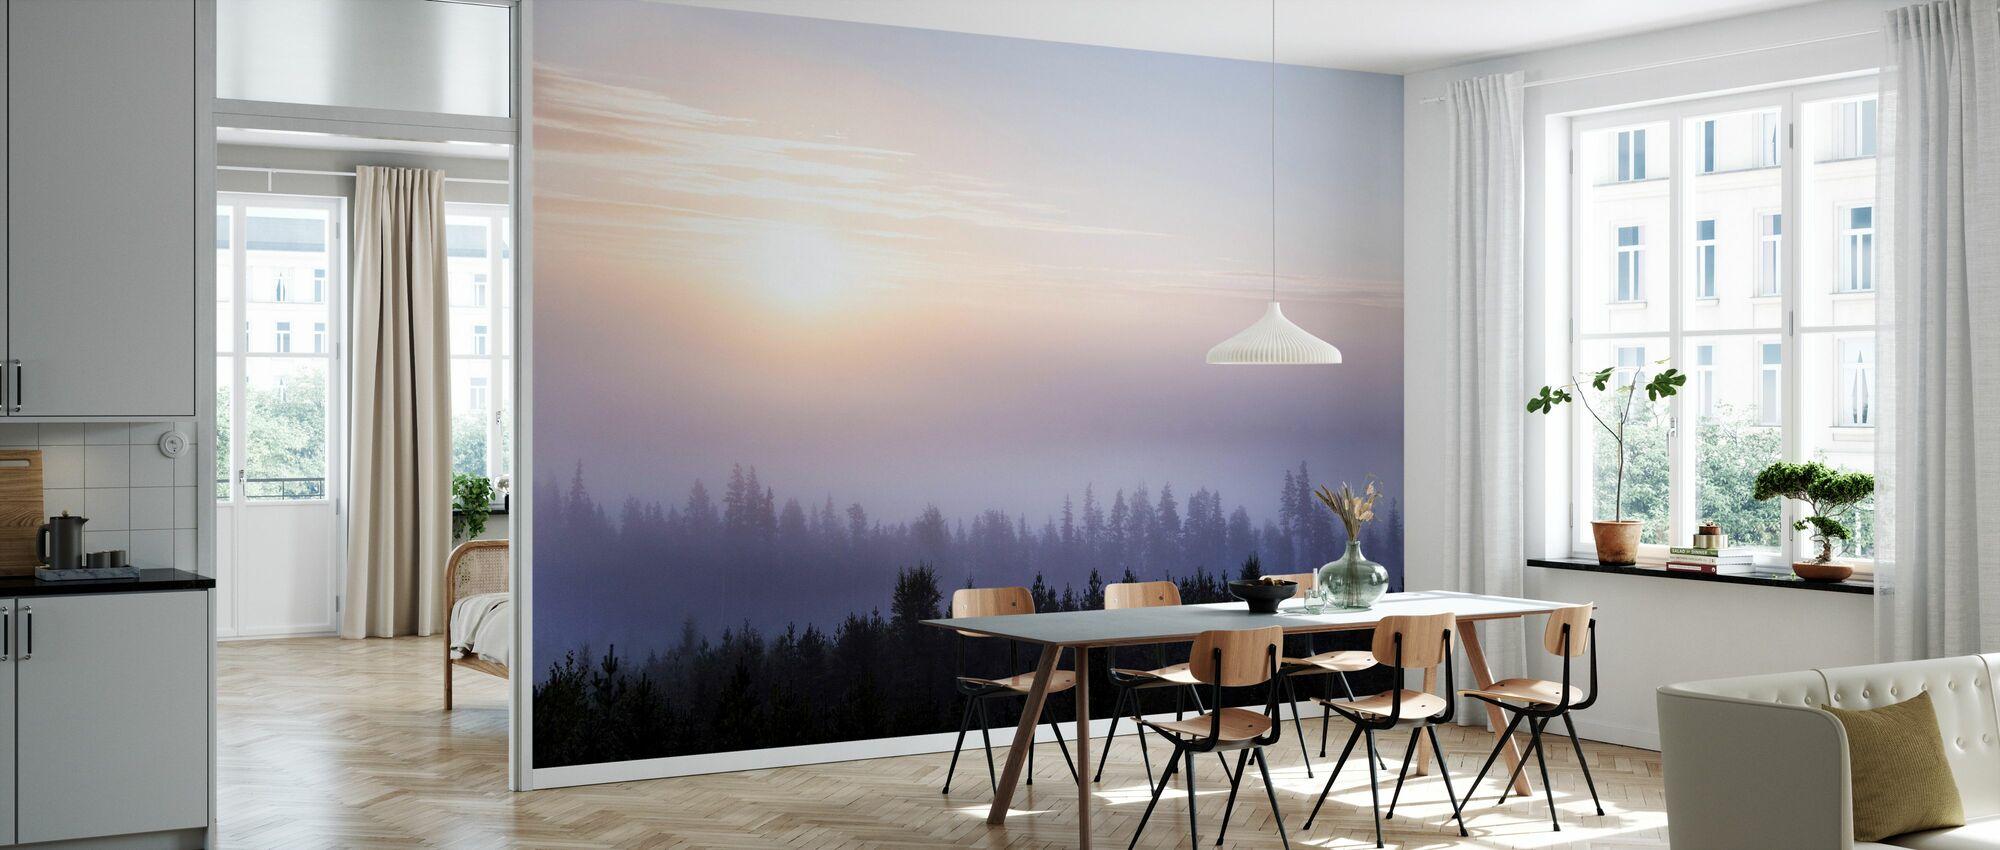 Vredige zonsopgang - Behang - Keuken